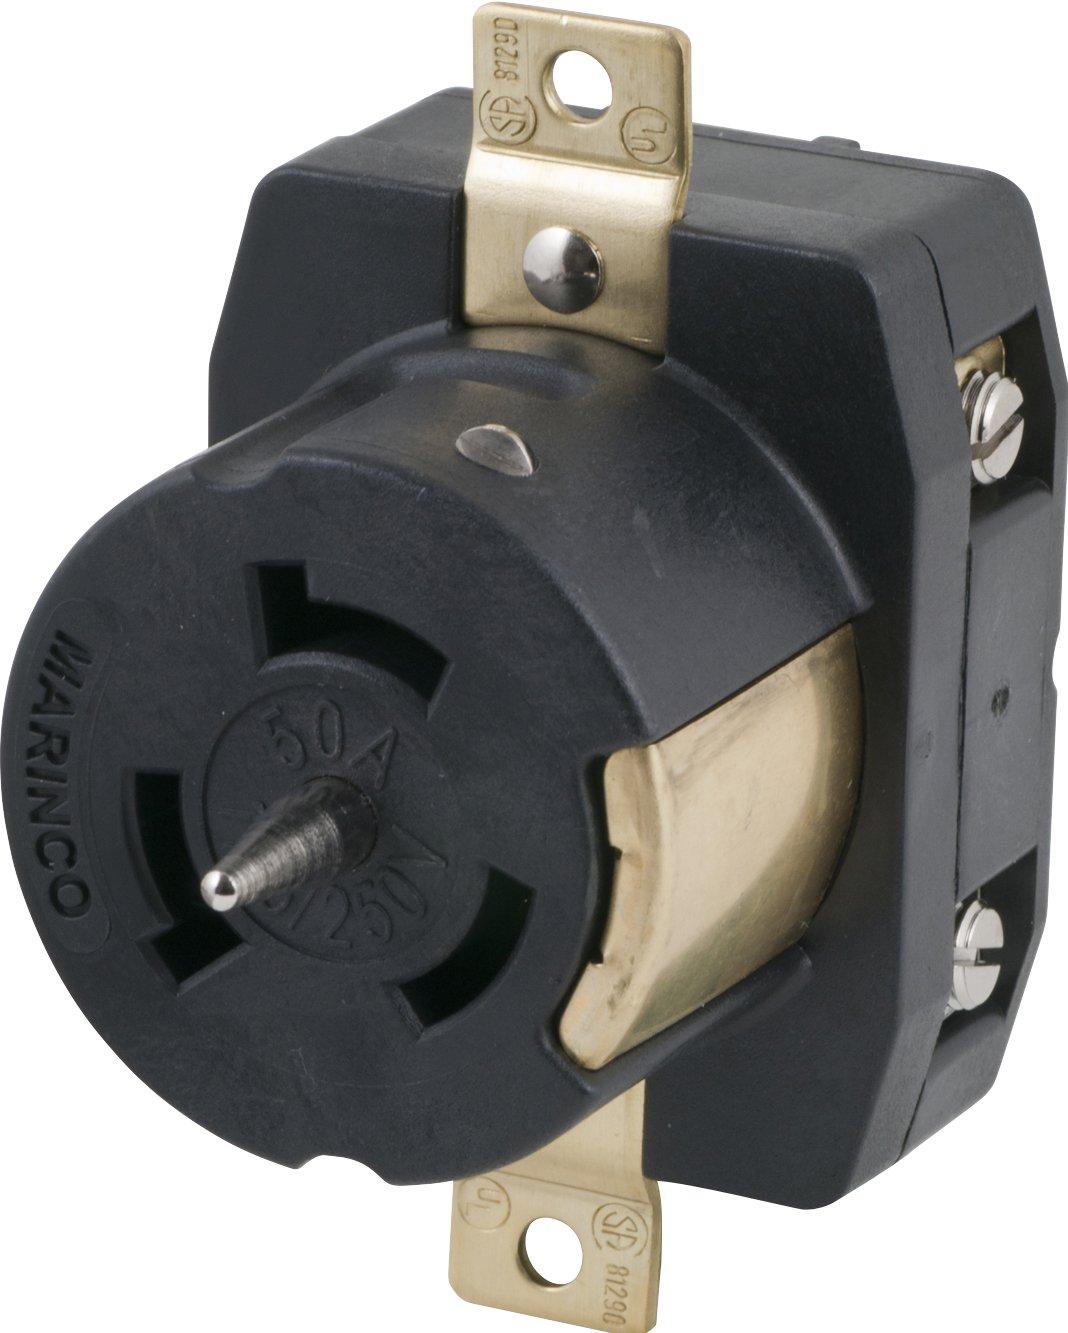 Marinco CS6369 50 Amp, 125 Volt/250 Volt Receptacle